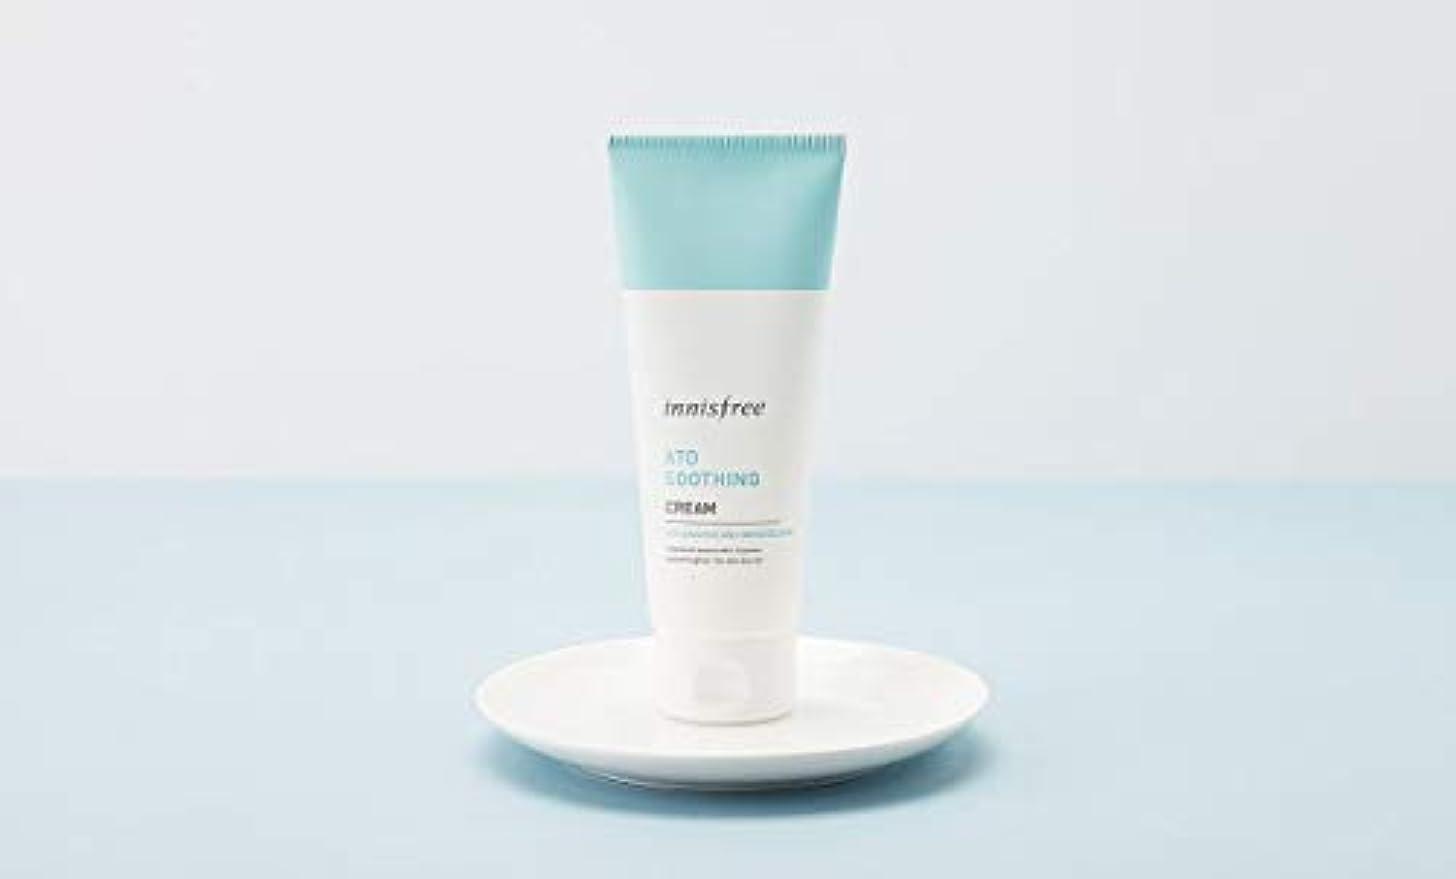 現代利得間隔[イニスフリー.innisfree](公式)アートスージングクリーム150mL( '2019)/ Ato soothing Cream